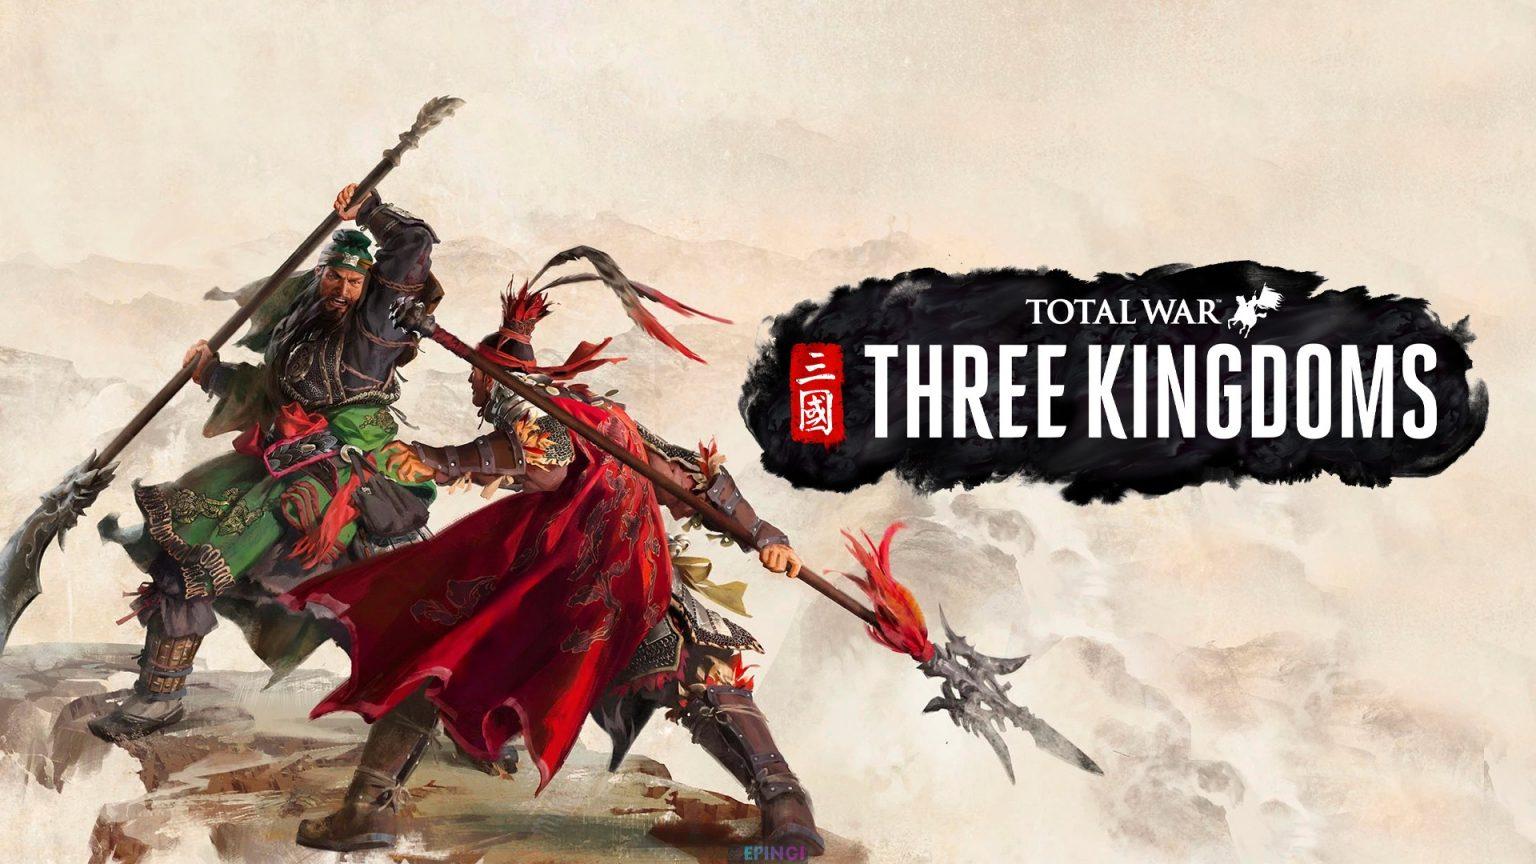 Total War Three Kingdoms PC Version Full Game Setup Free Download